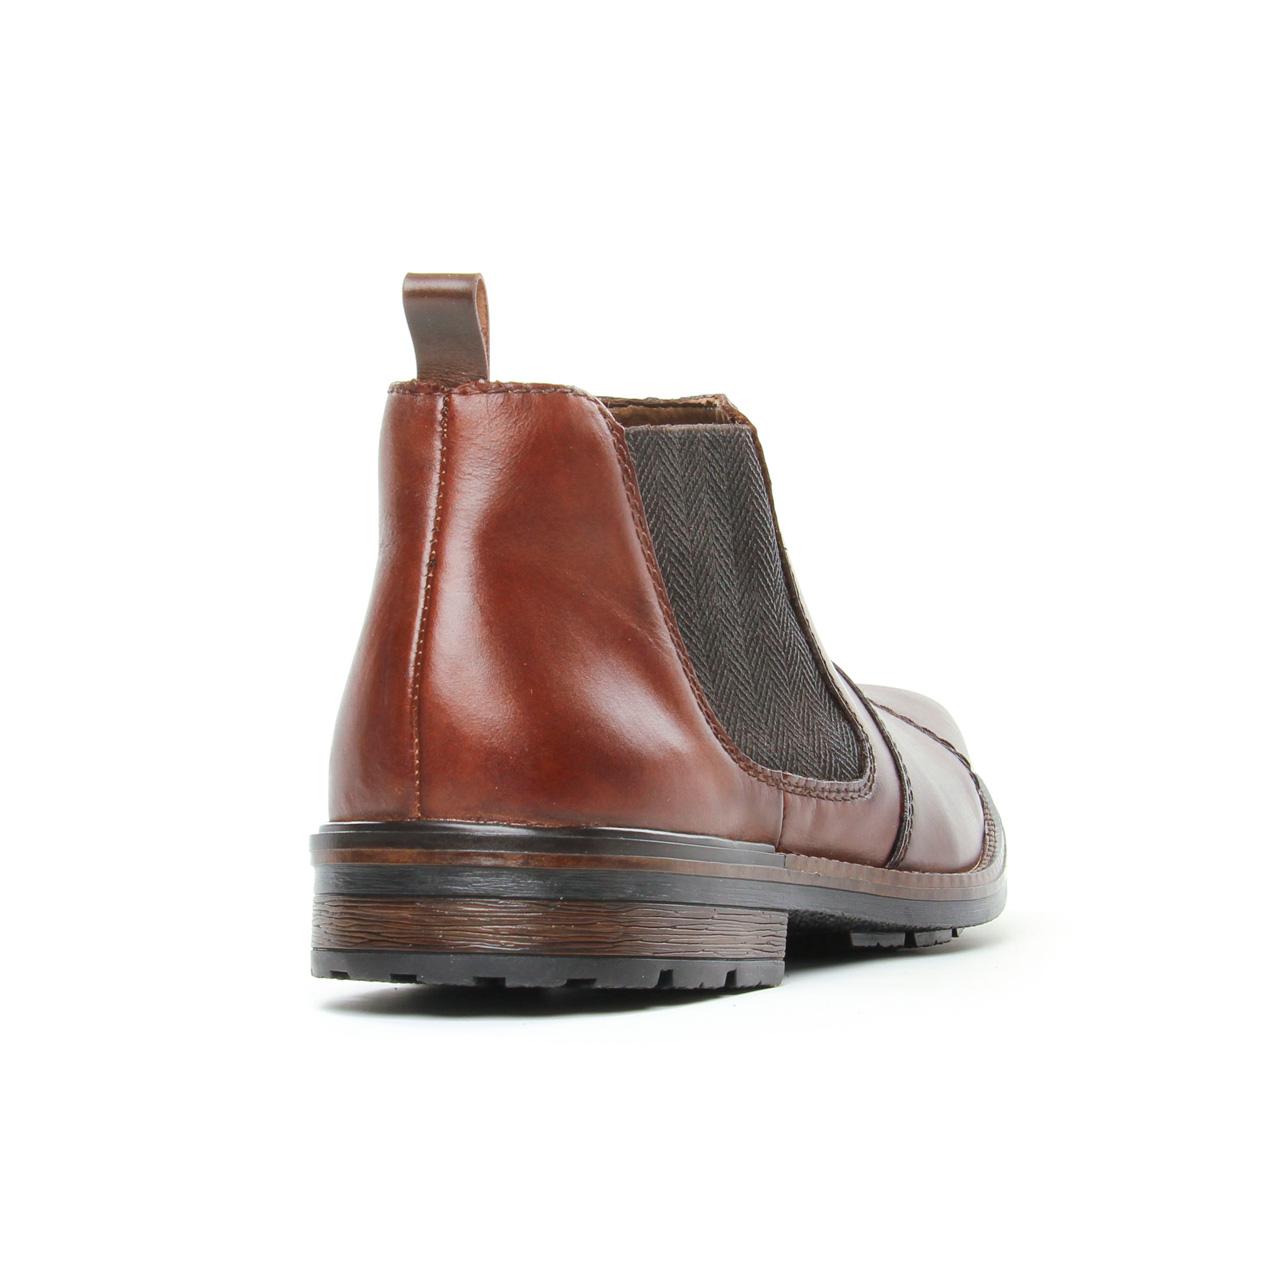 Rieker F1380 26 Nut | boots marron automne hiver chez TROIS